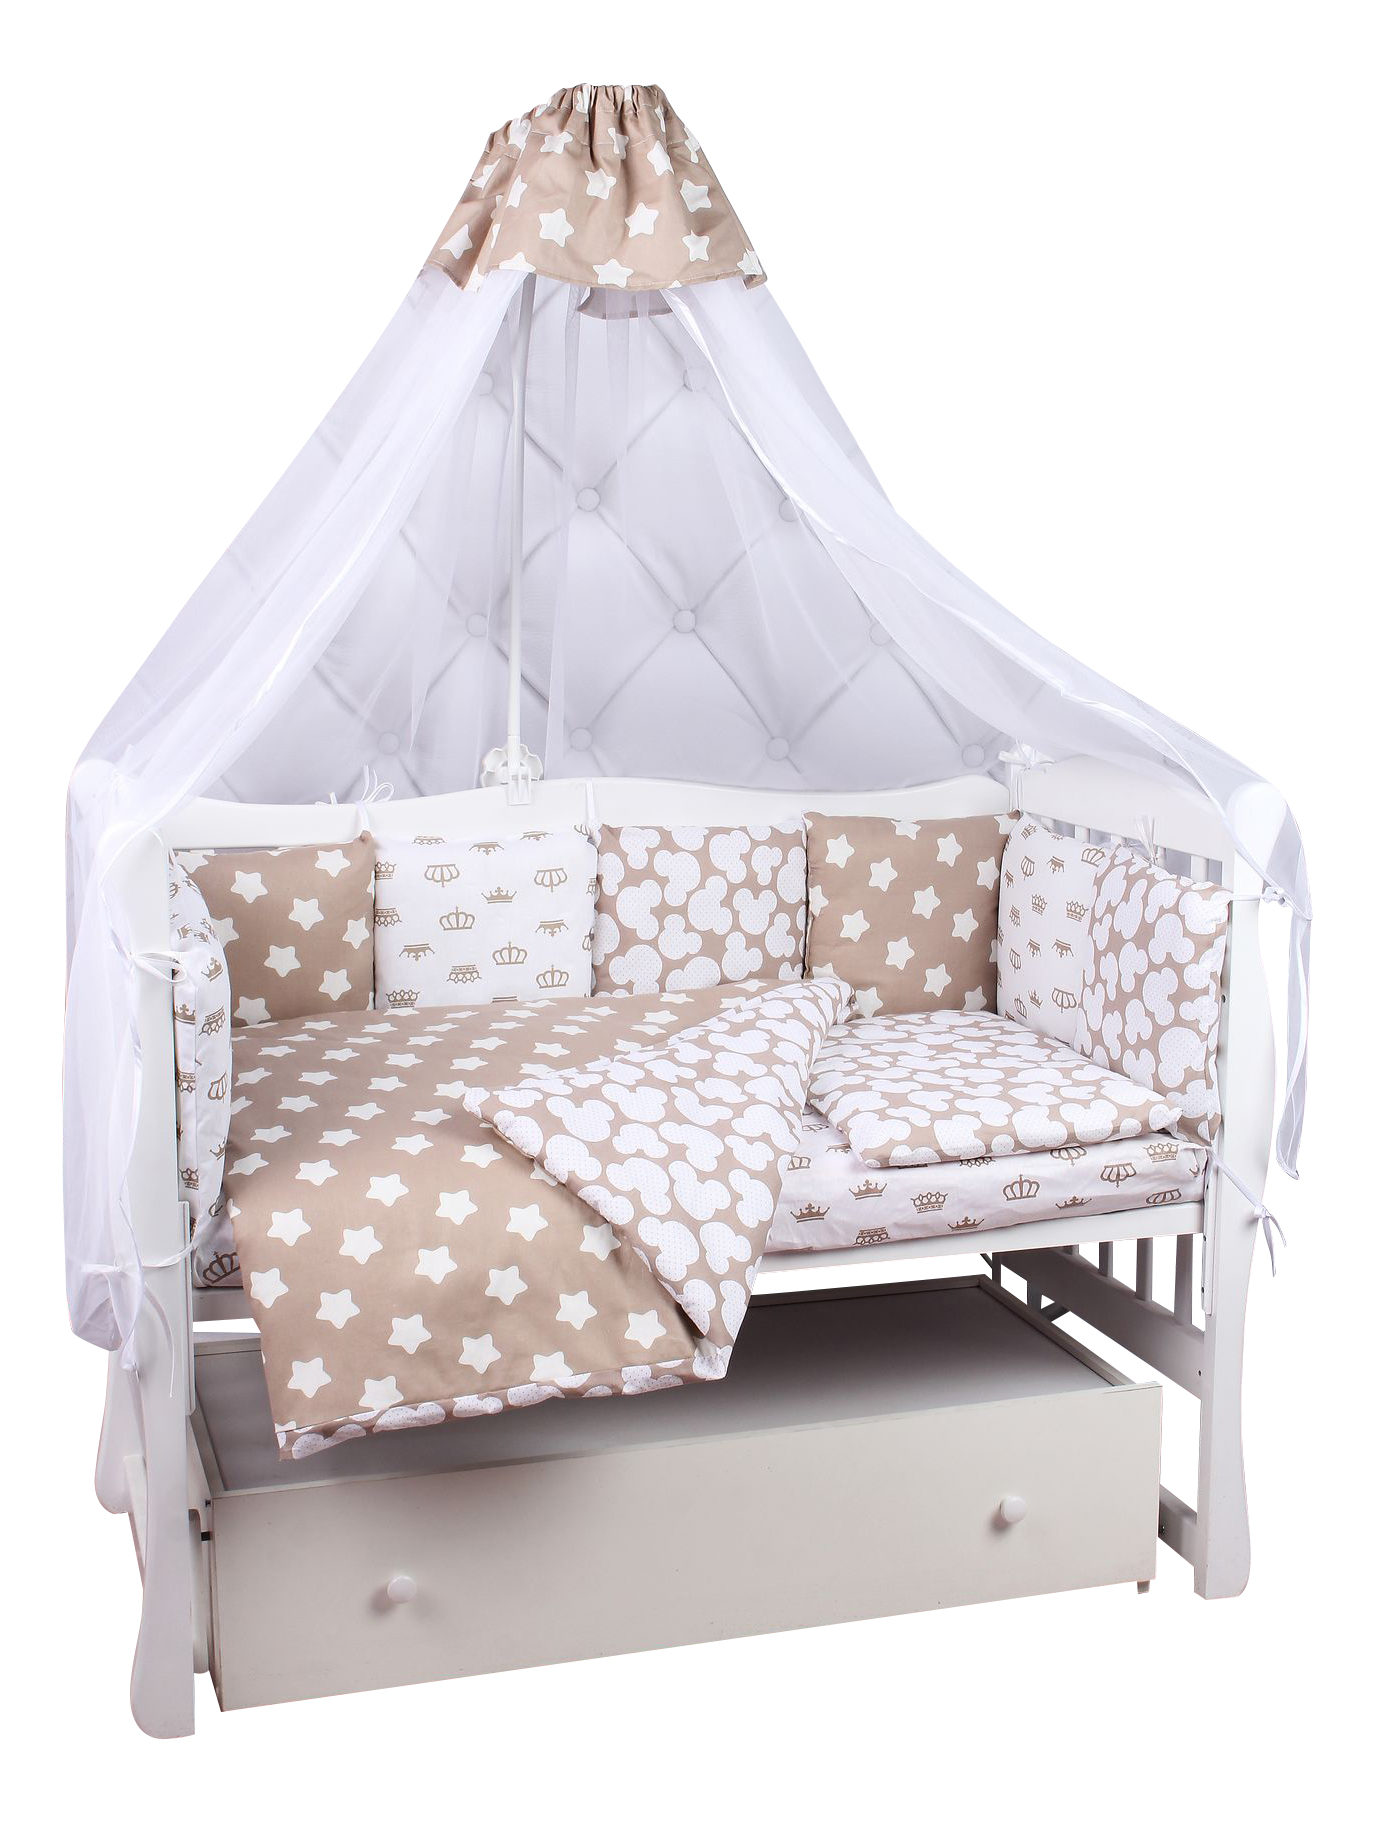 Купить Комплект в кроватку Amarobaby Soft 19 предметов, Комплекты детского постельного белья